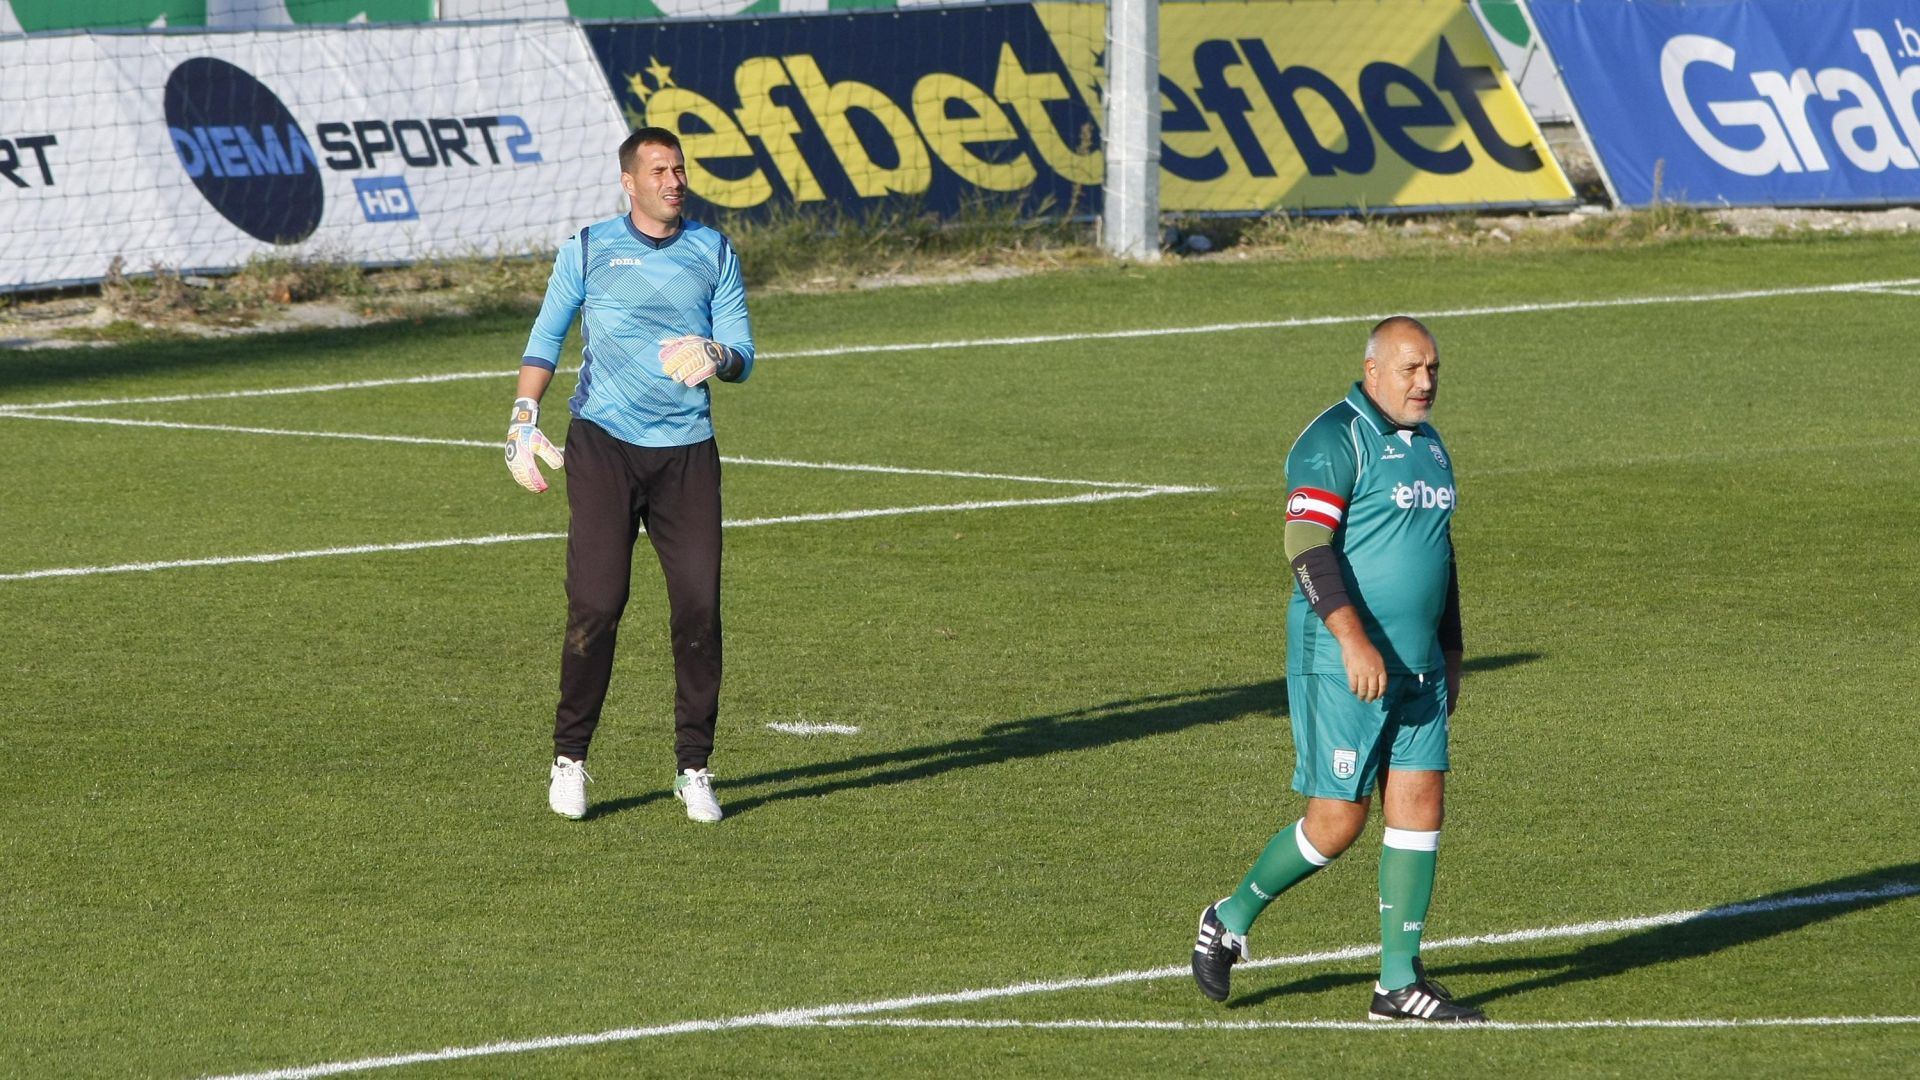 Борисов вчера до Тръмп, днес с 5 гола срещу турски отбор